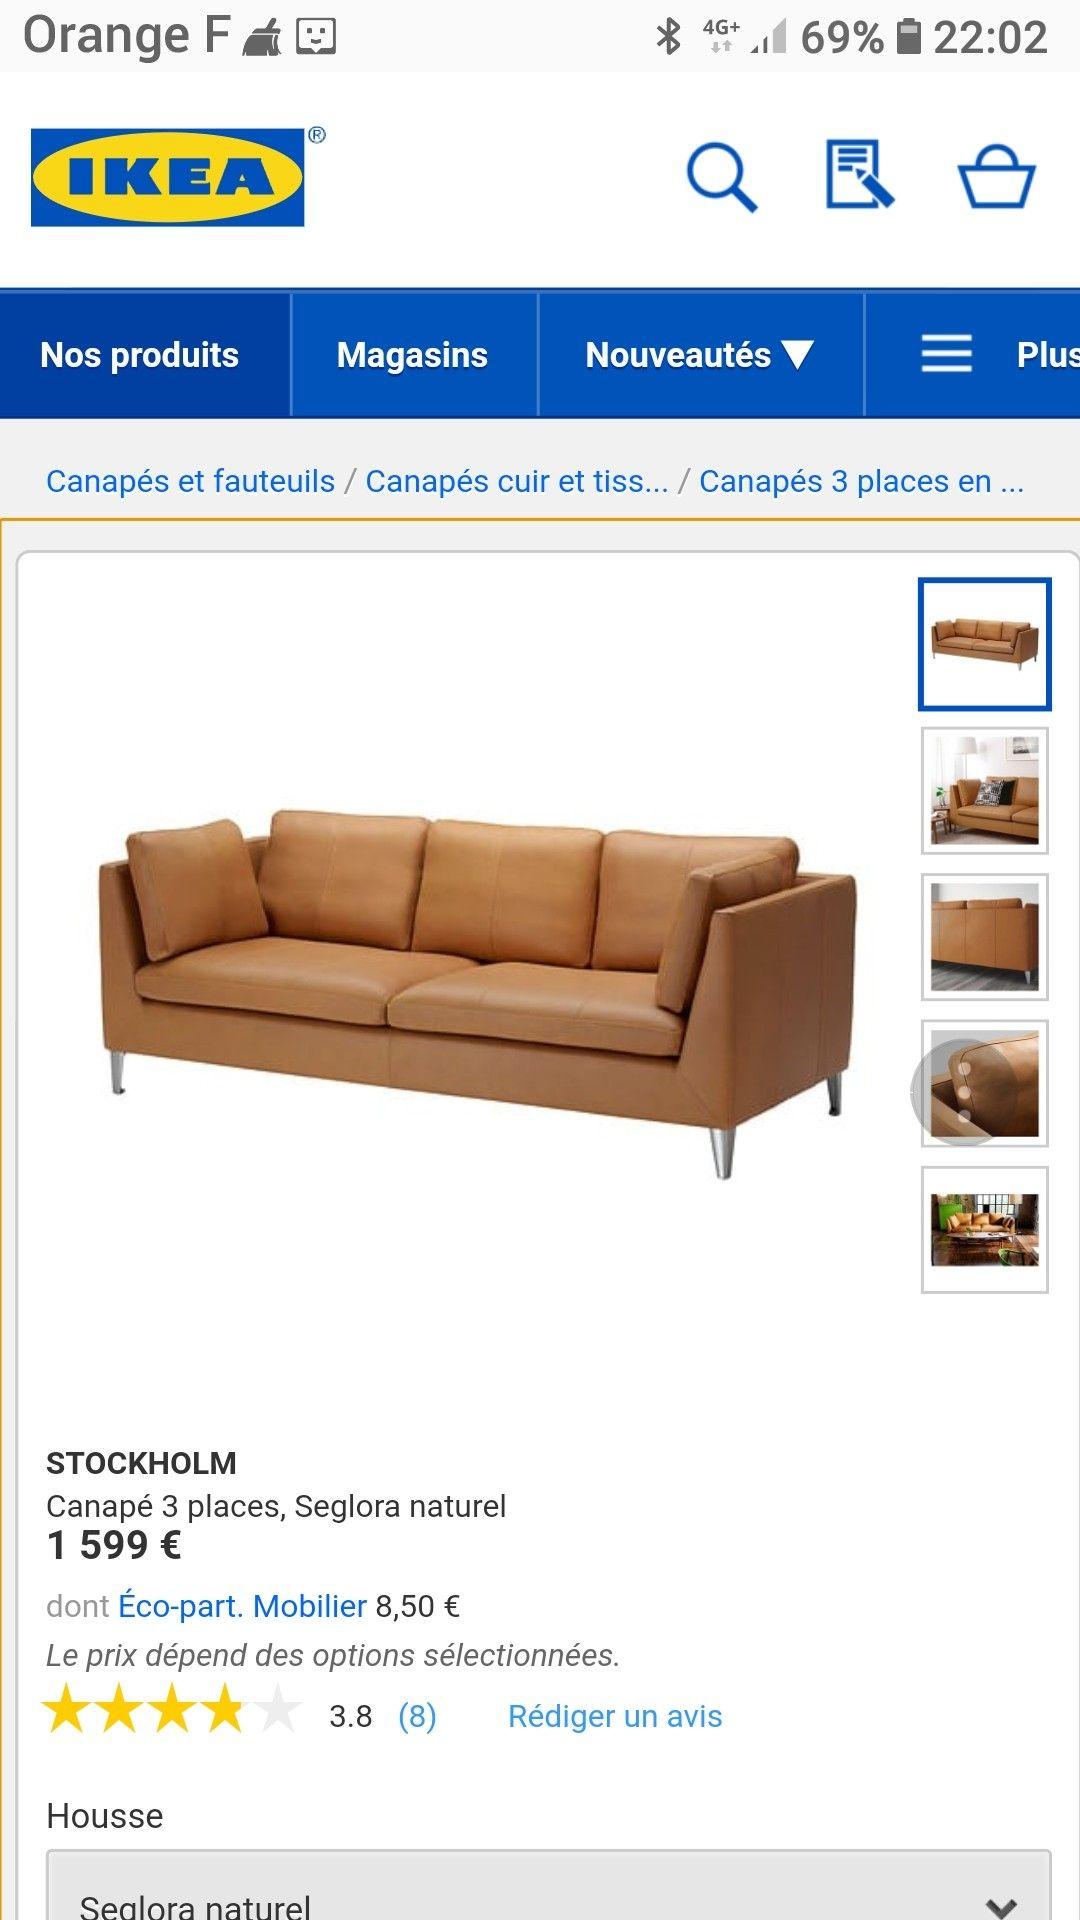 Epingle Par Agnes Marchand Sur Canape Canape Cuir Ikea Com Canape 3 Places